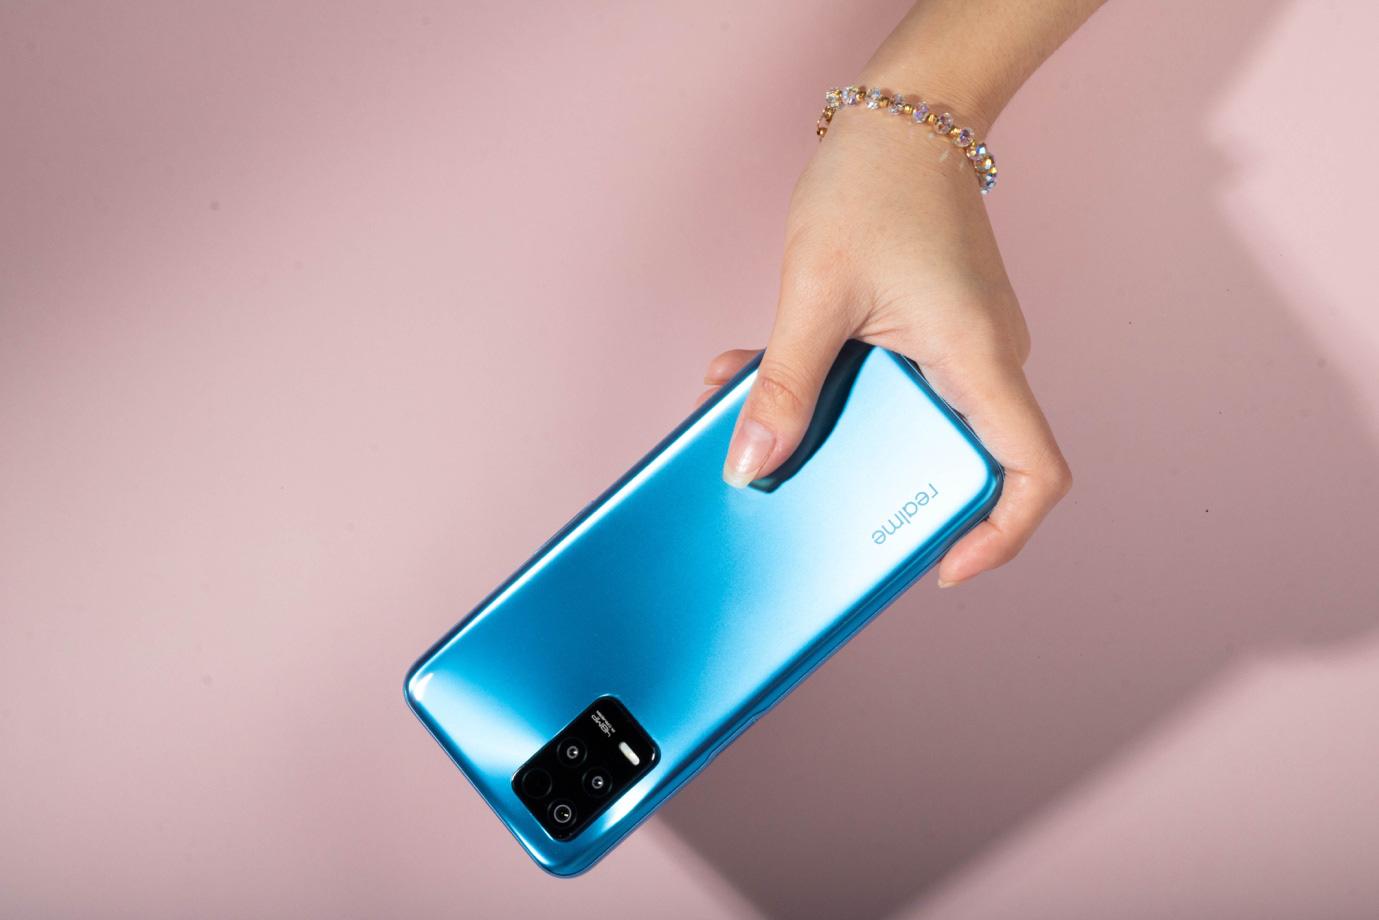 Trên tay chiếc điện thoại 5G hot nhất của realme: Xem phim cả ngày, cày game lướt web siêu nhanh, siêu khỏe! - Ảnh 1.